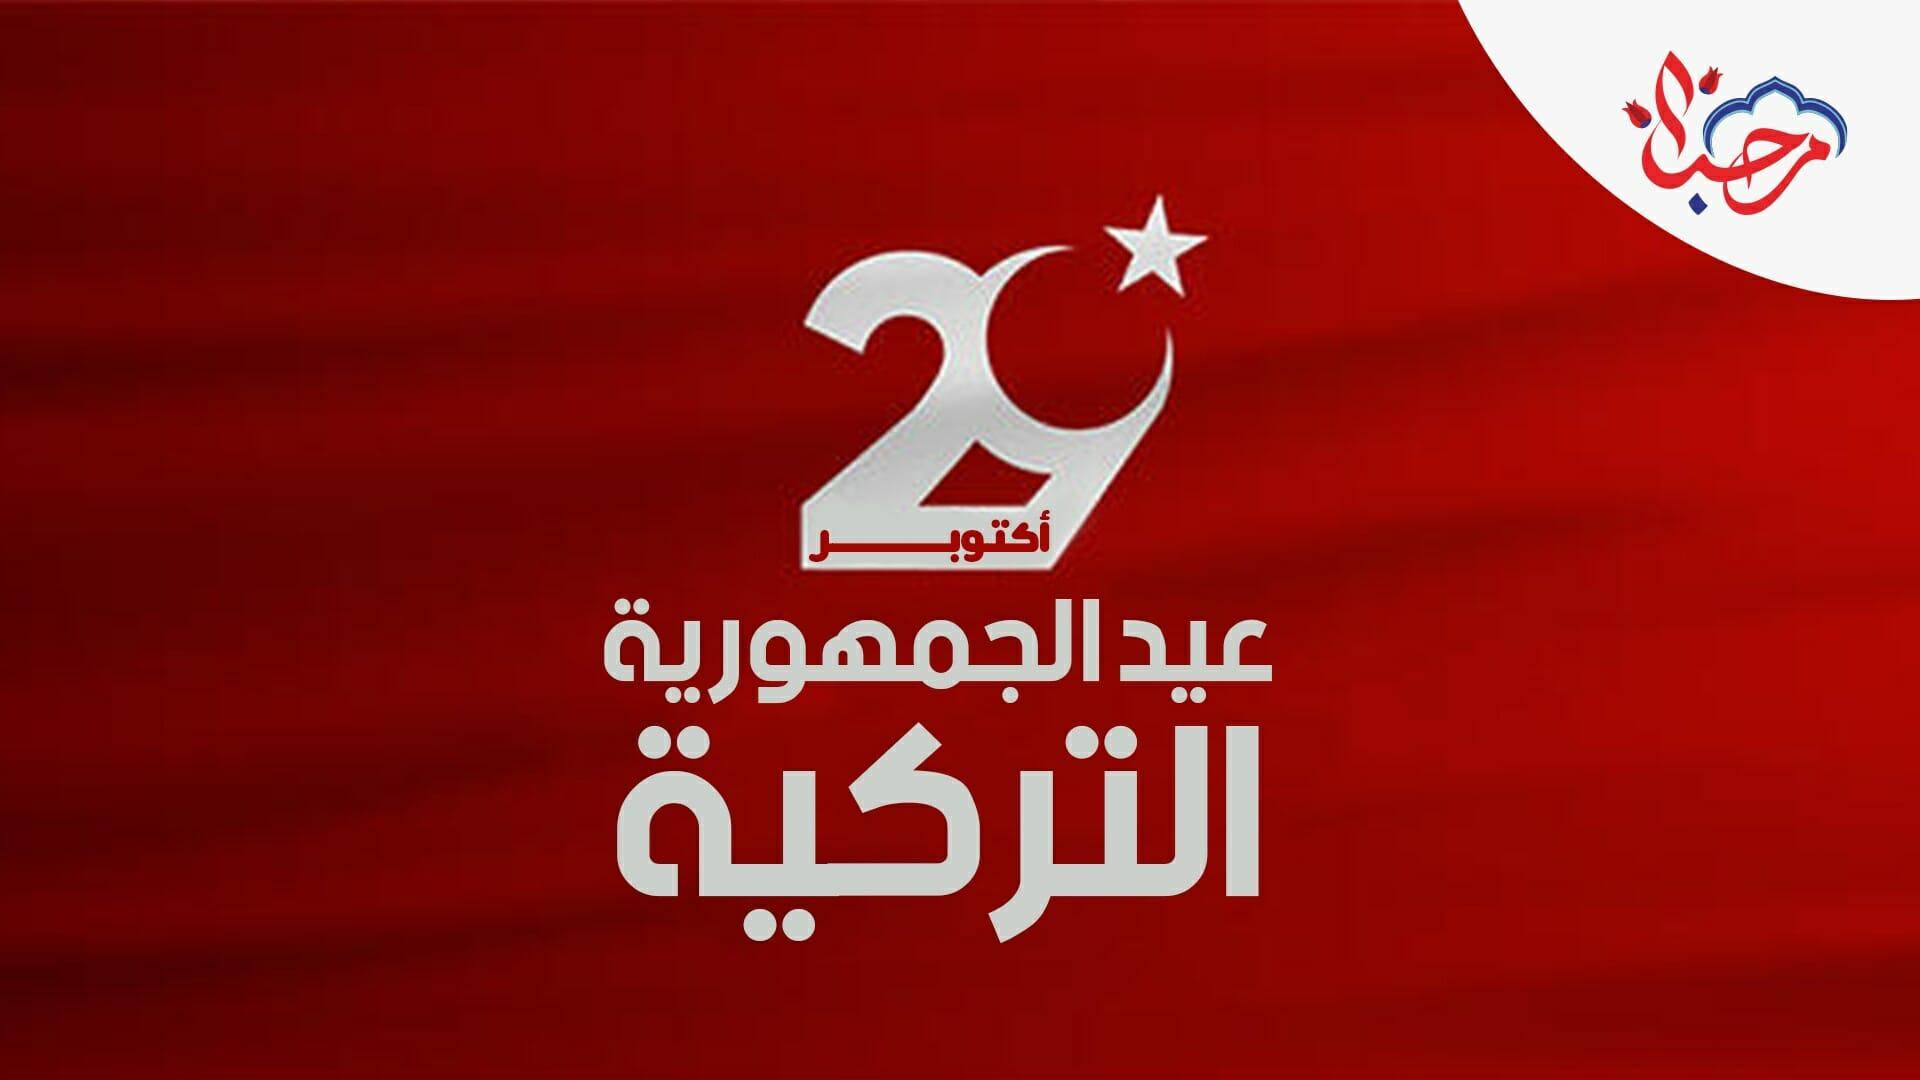 4ثقشيء - الدفاع التركية تحتفل بعيد الجمهورية عبر فيديو خاص